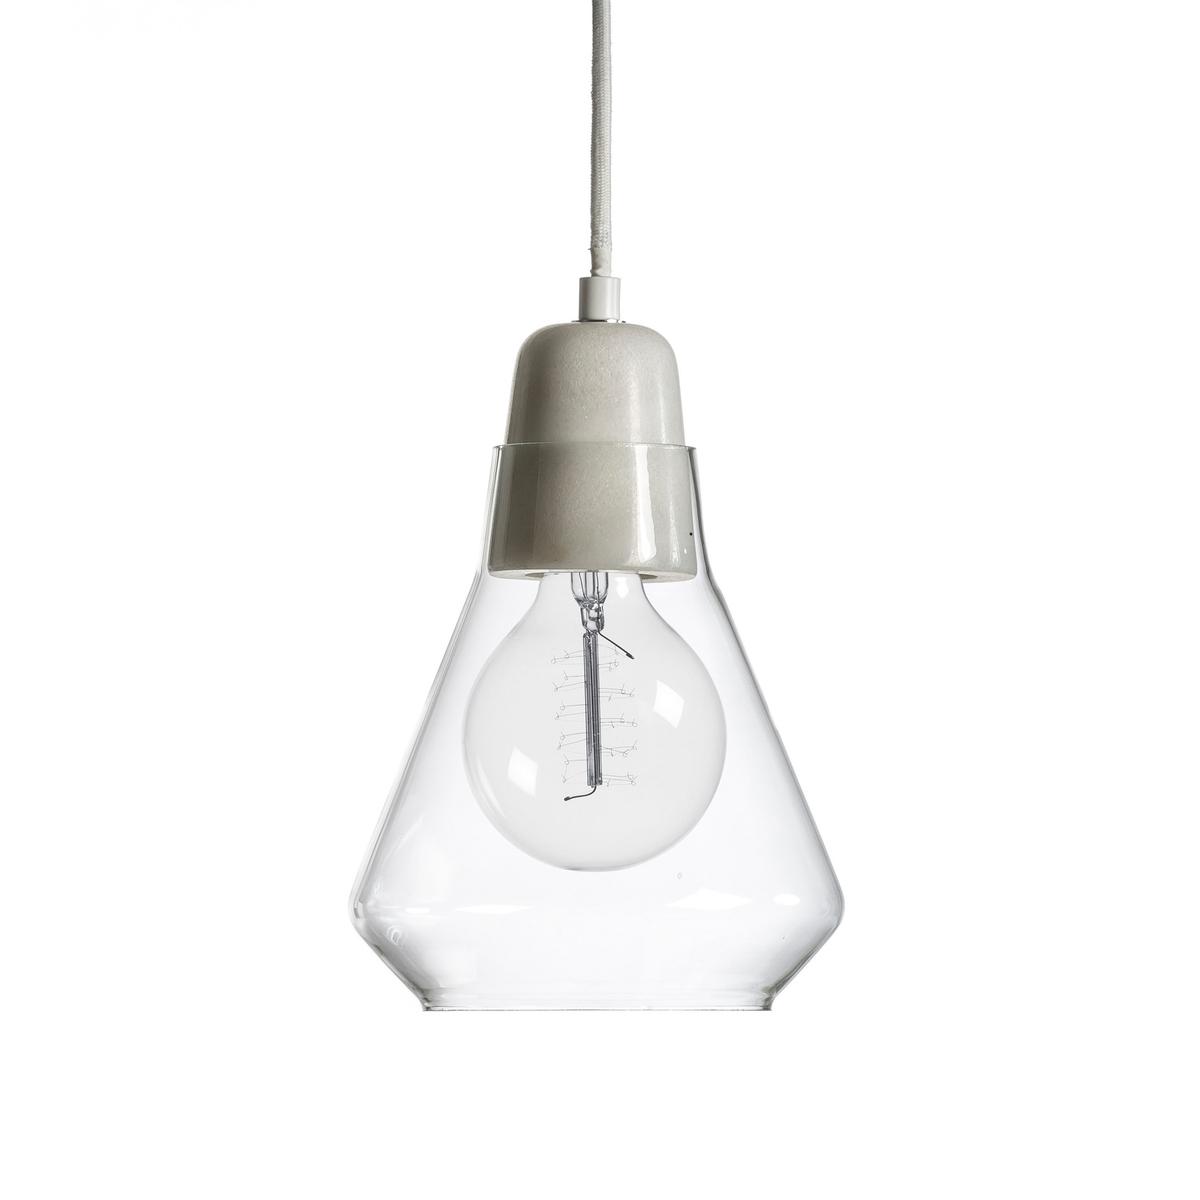 Светильник из стекла и мрамора AnaxagoreЭлегантный прозрачный светильник из стекла и мрамора .Характеристики :- Патрон E27 для флюокомпактной лампочки 15W (не входит в комплект)  - Электрический кабель с текстильным покрытием длина 1 м - Совместима с лампочками электрического класса  A. Размеры :Диаметр 18 x высота 20.3 см<br><br>Цвет: белый мрамор,черный